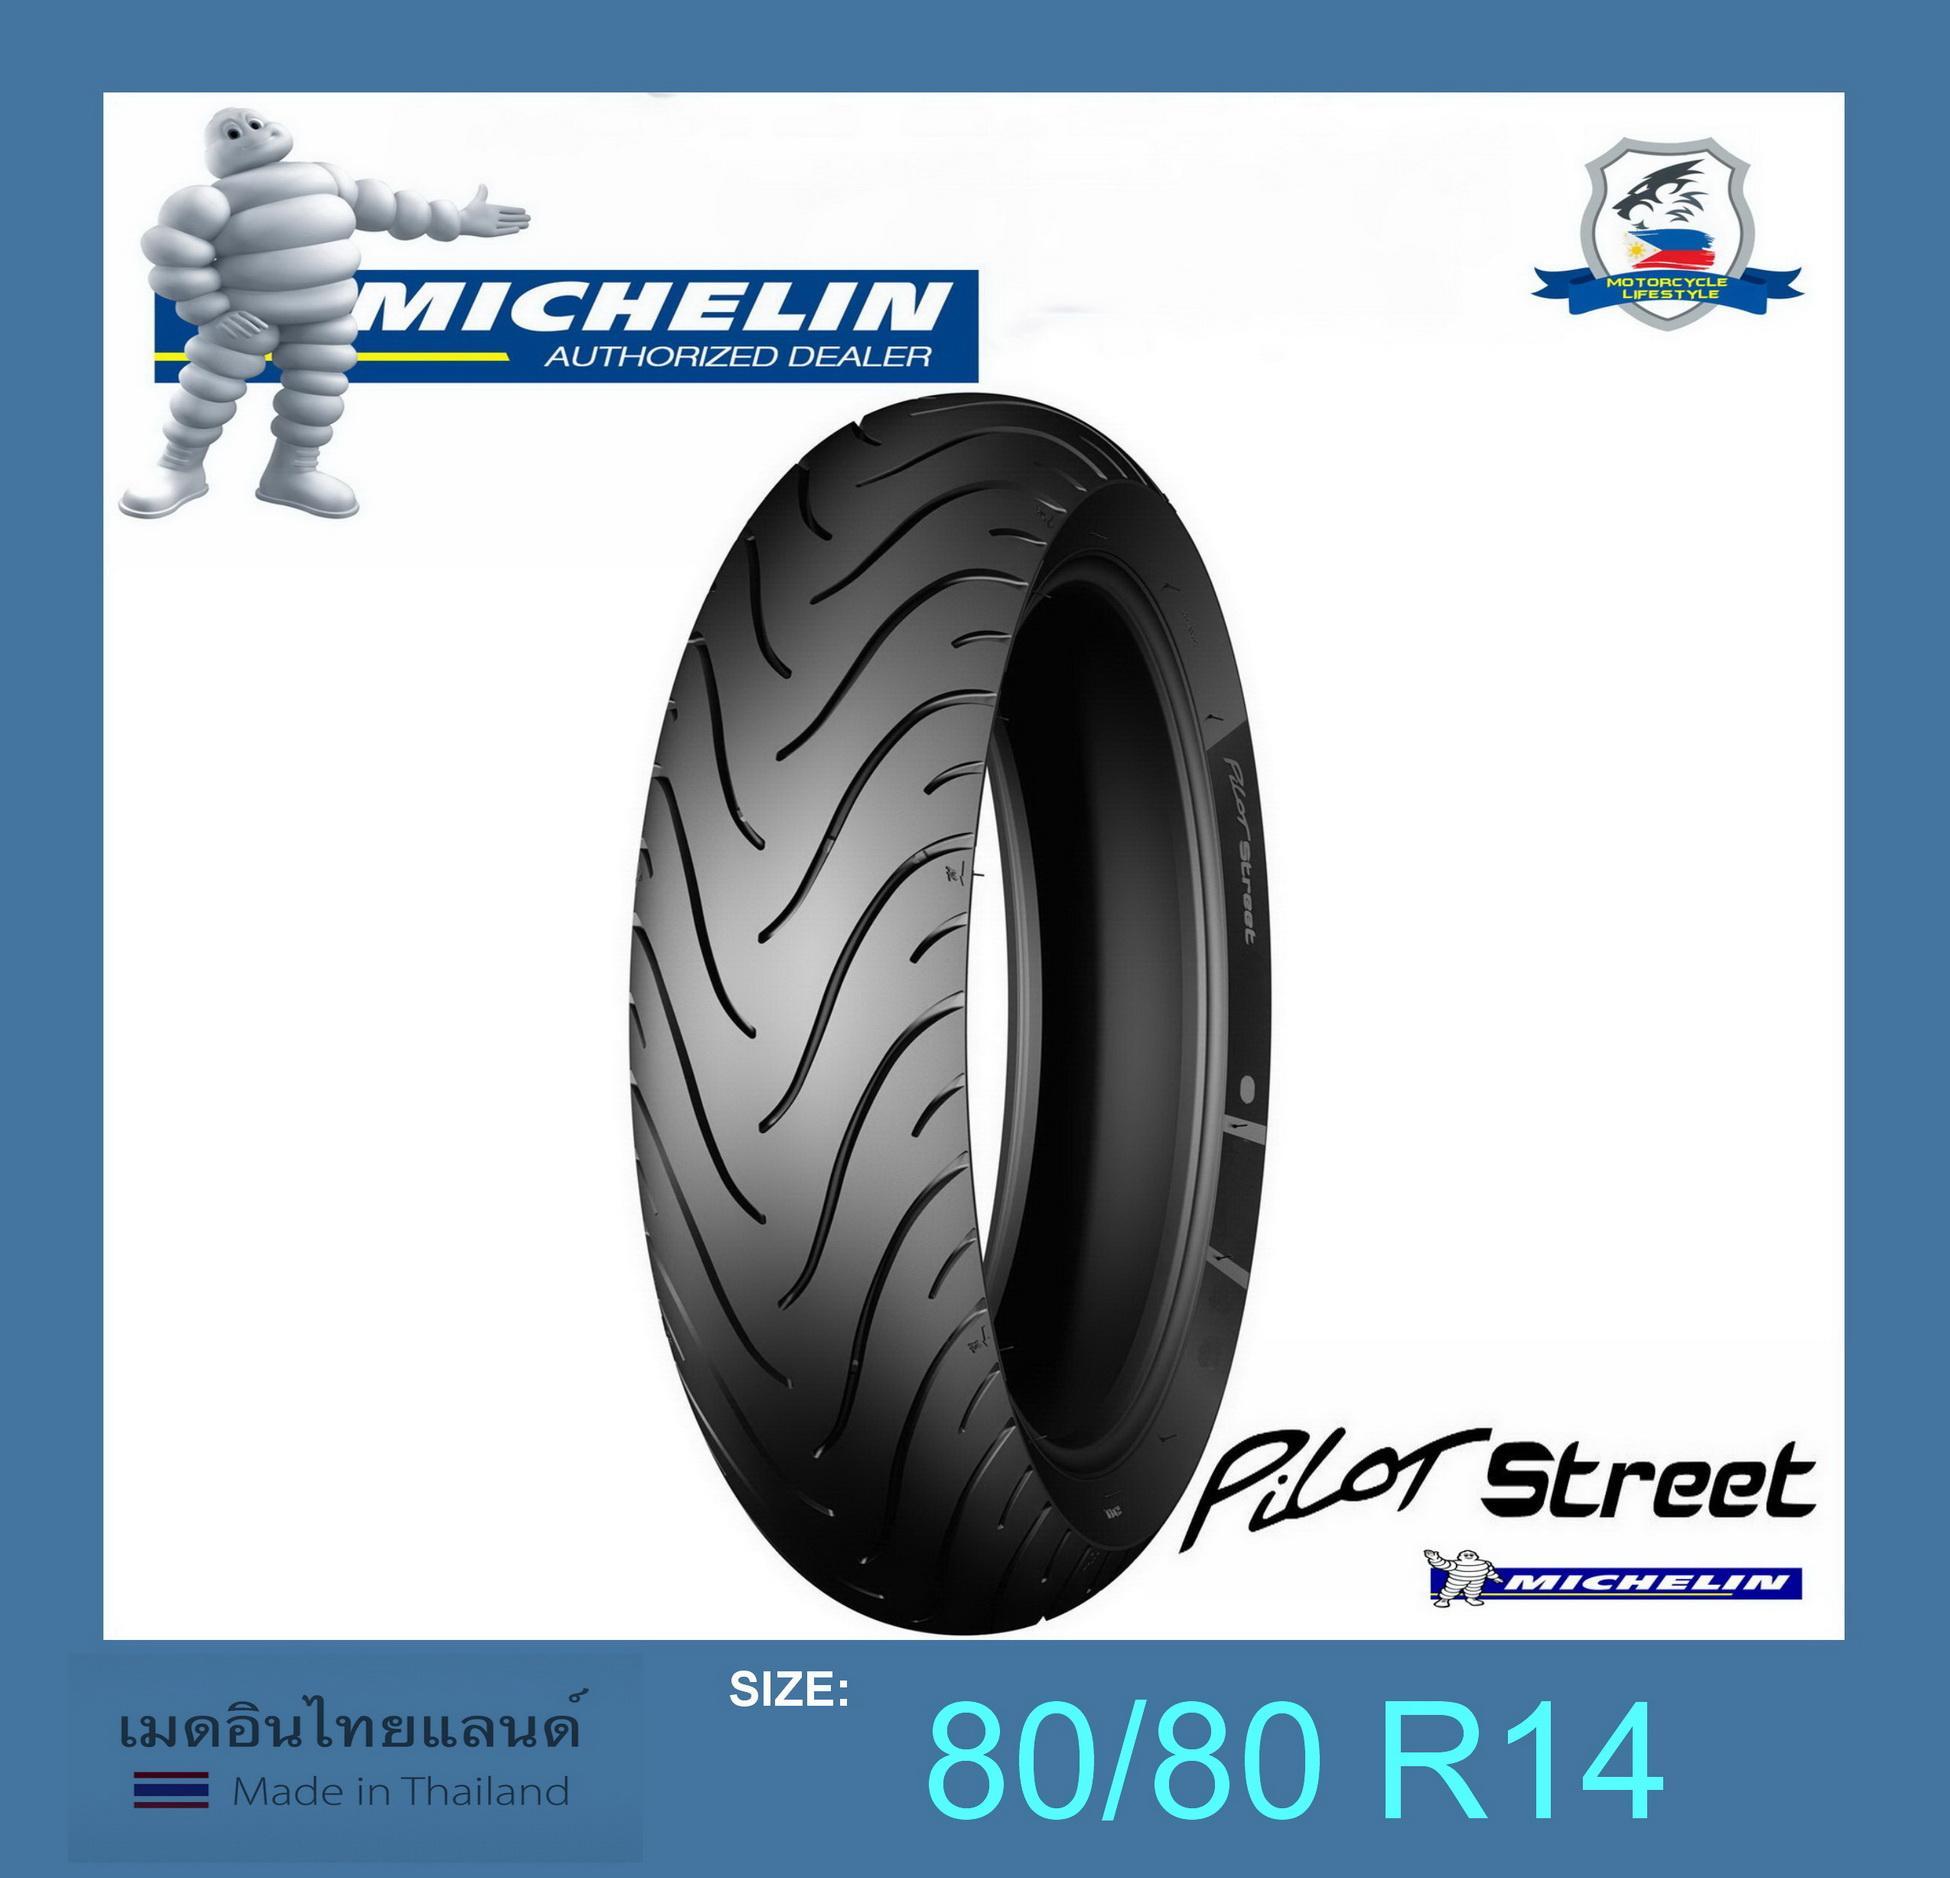 Motorcycle Tires Wheels For Sale Motorbike Online Zeneos Zn 75 70 80 17 Ban Motor Tubeless Michelin Tire R14 Pilot Street Tl Tt